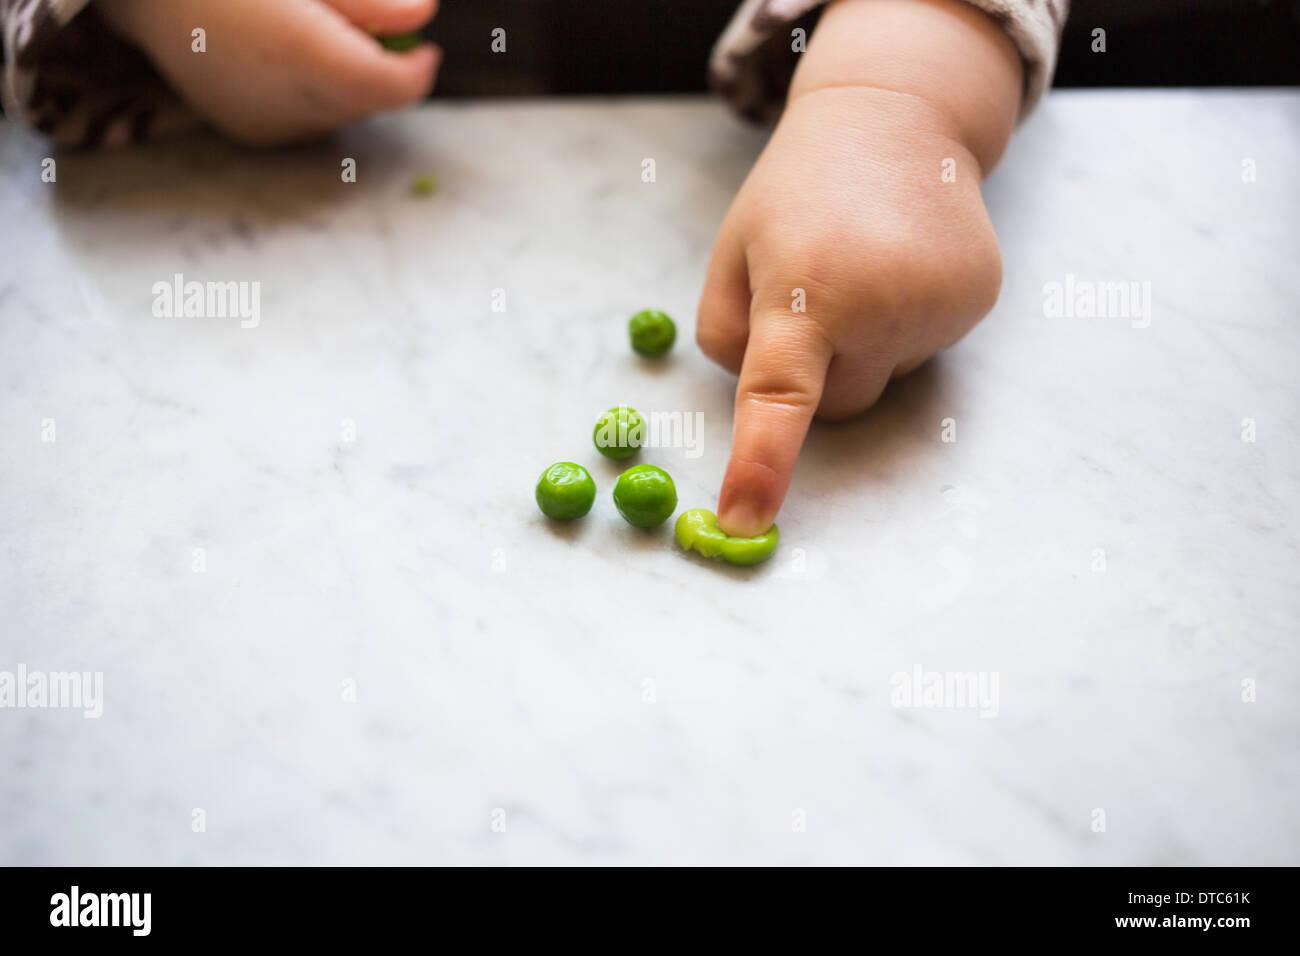 Toddler girl squashing pea - Stock Image